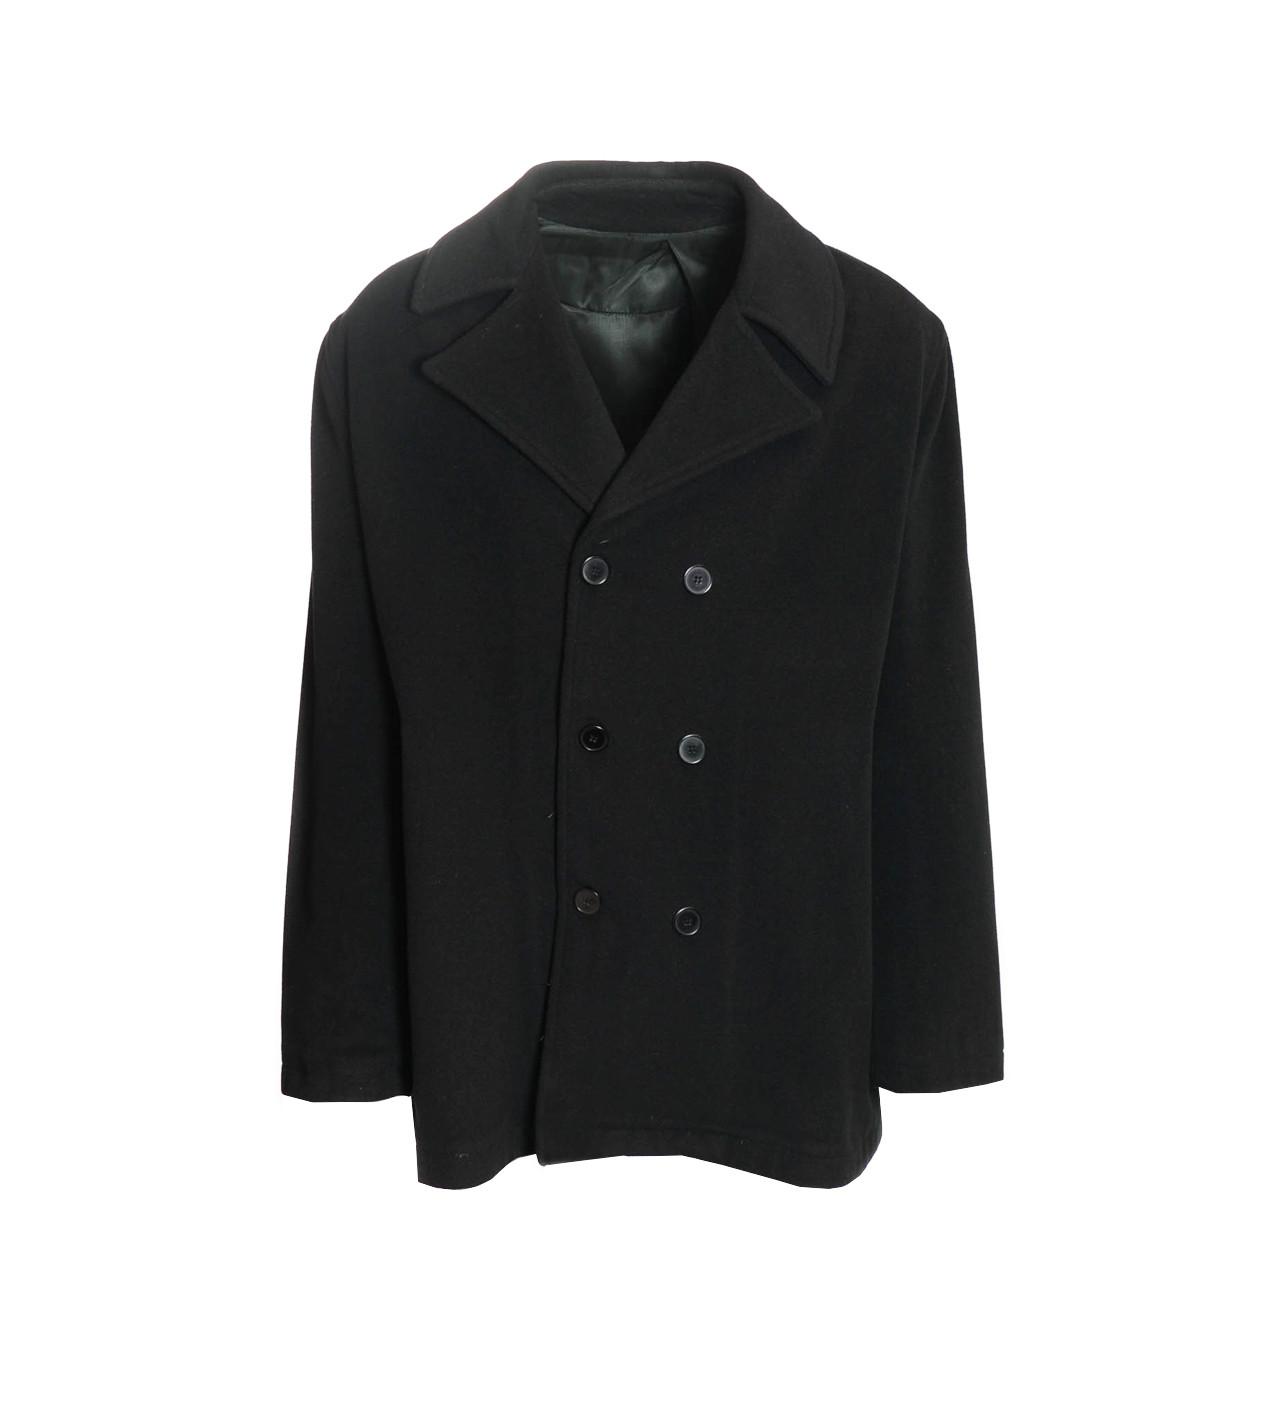 Μαύρο Ανδρικό Παλτό  489a7c94def